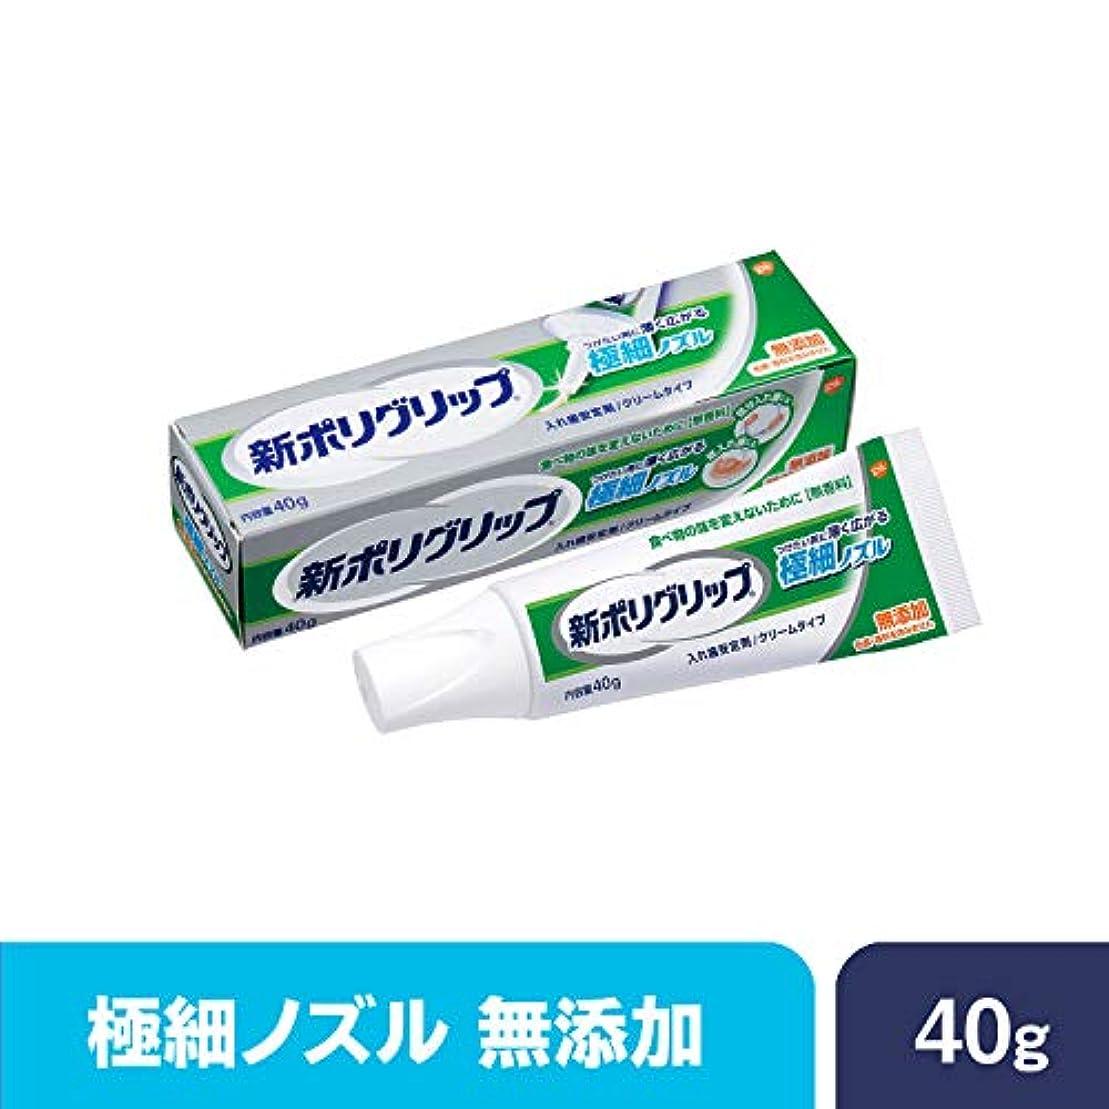 シットコム破滅鳥部分?総入れ歯安定剤 新ポリグリップ極細ノズル 無添加 40g